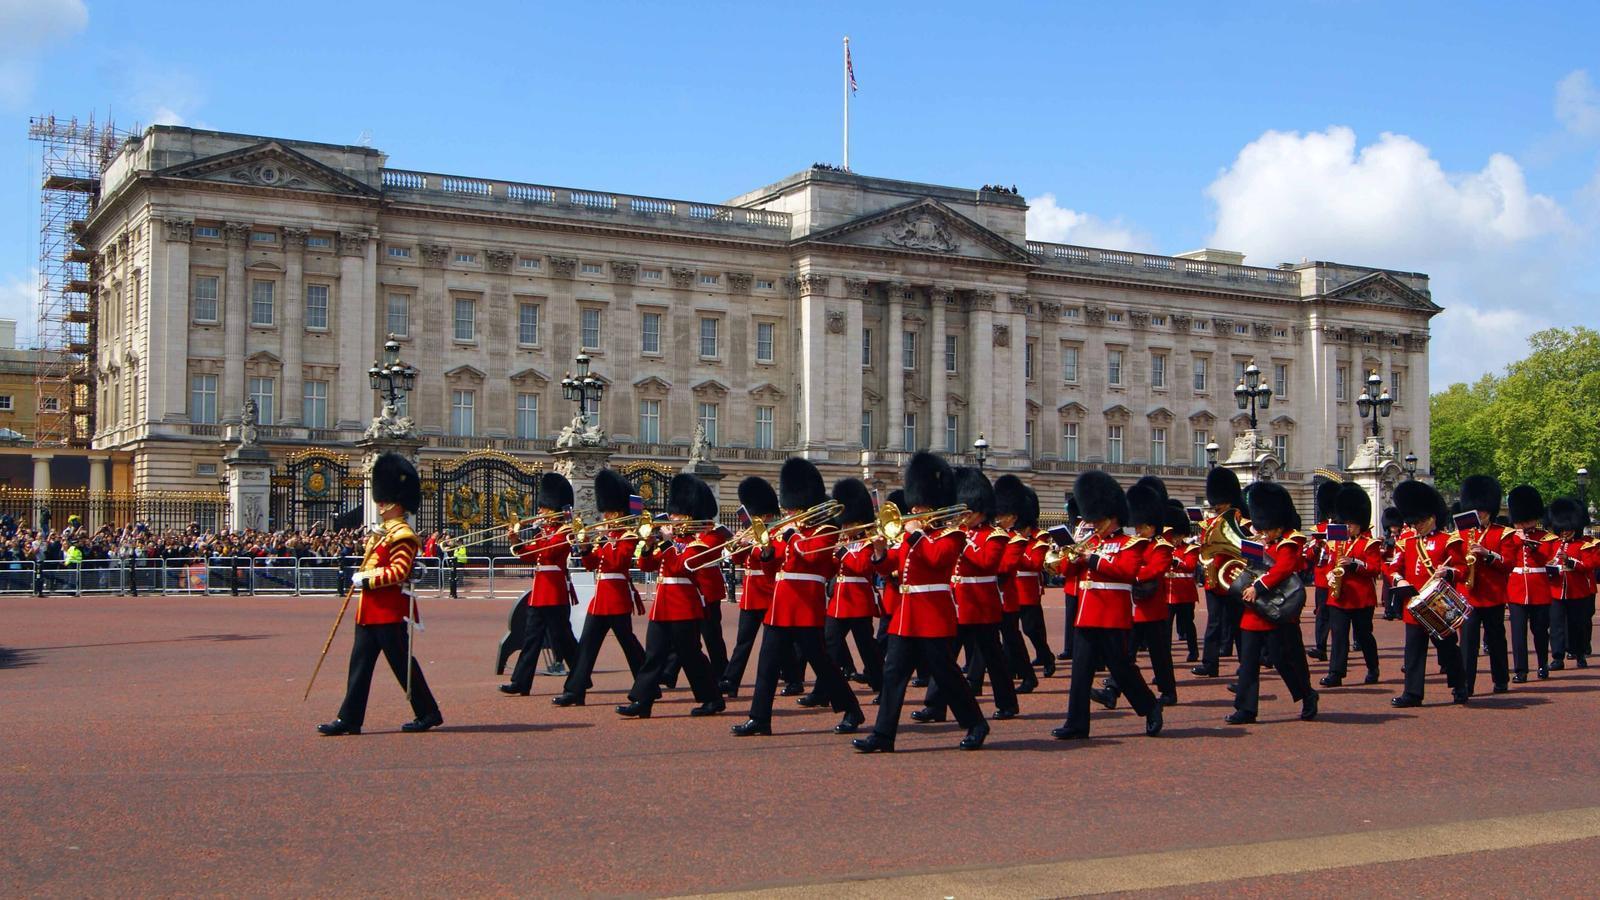 Imatge del canvi de guàrdia al palau de Buckingham el mes de maig del 2019